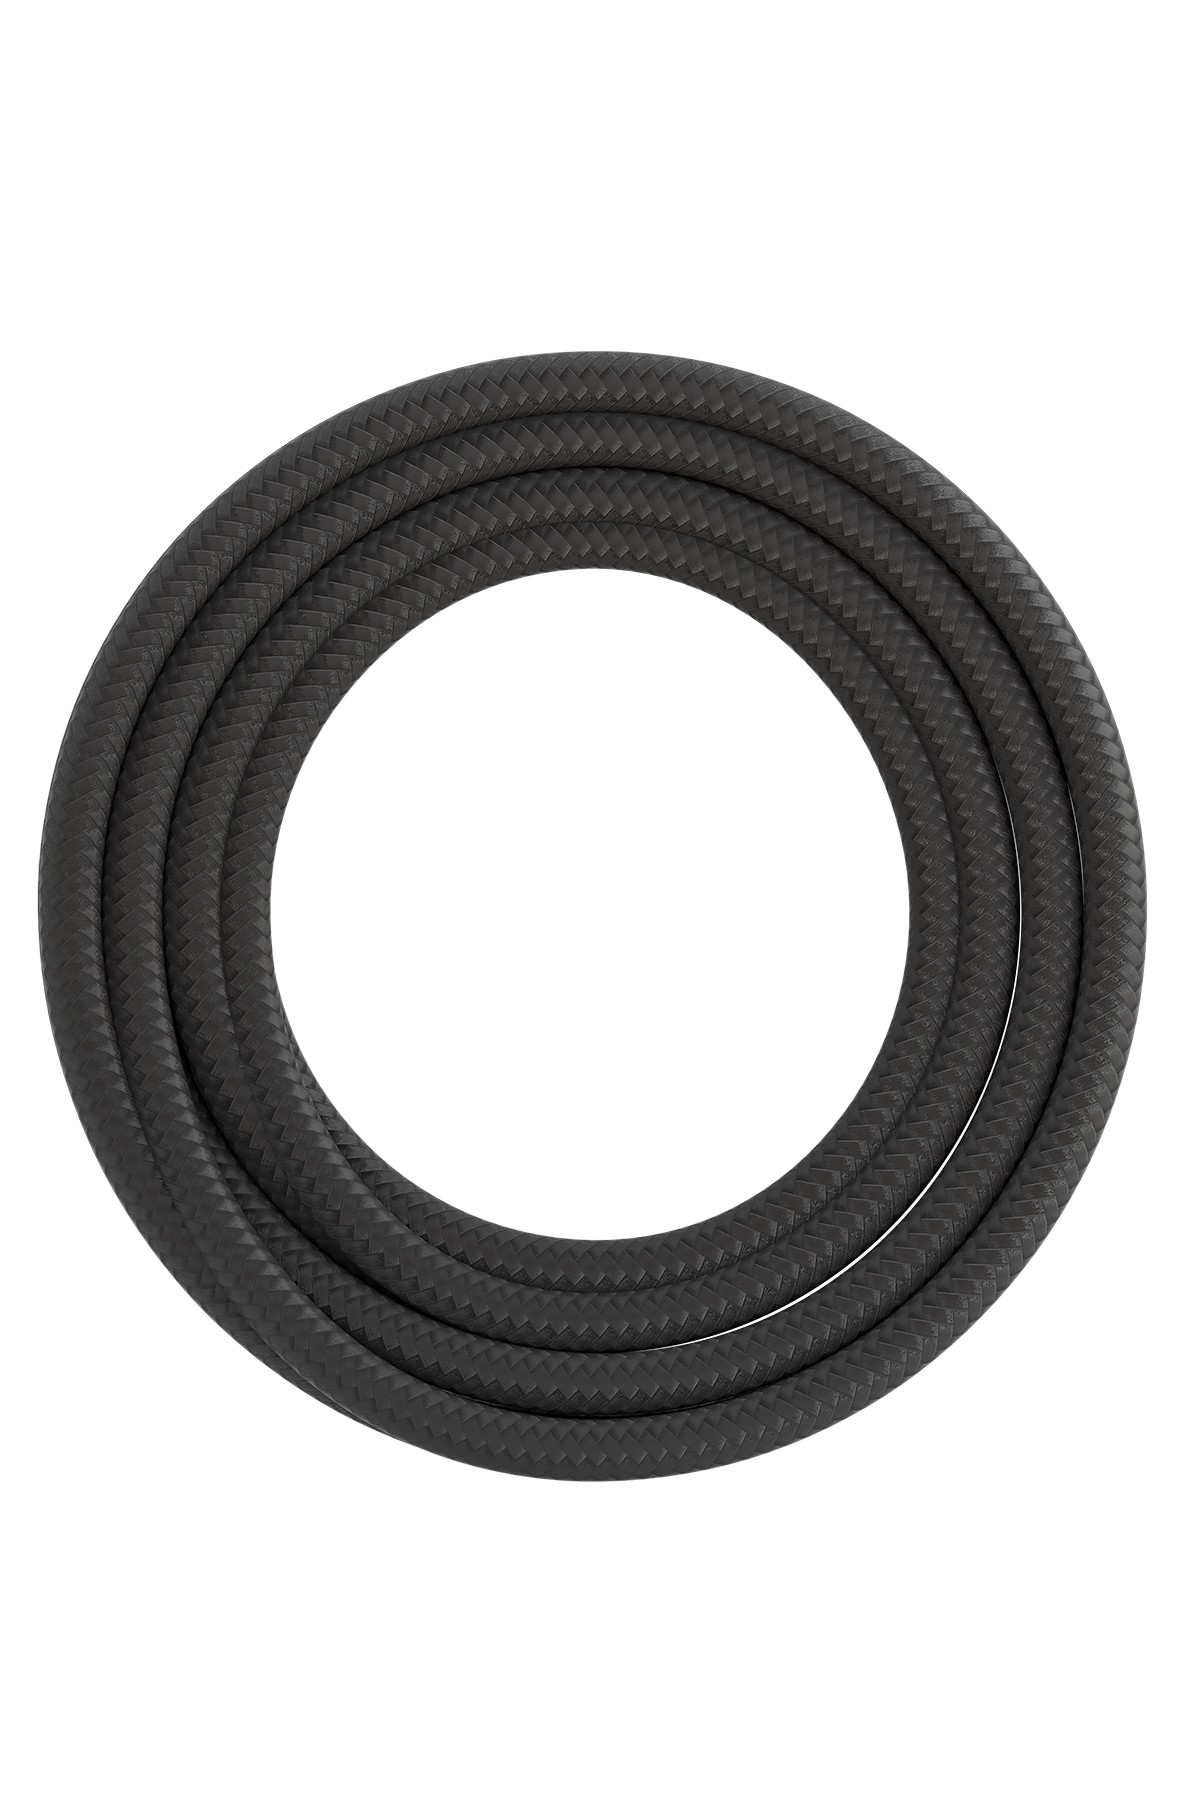 Calex textiel omwikkelde kabel 2x0,75mm2 1,5M grijs, max.250V-60W